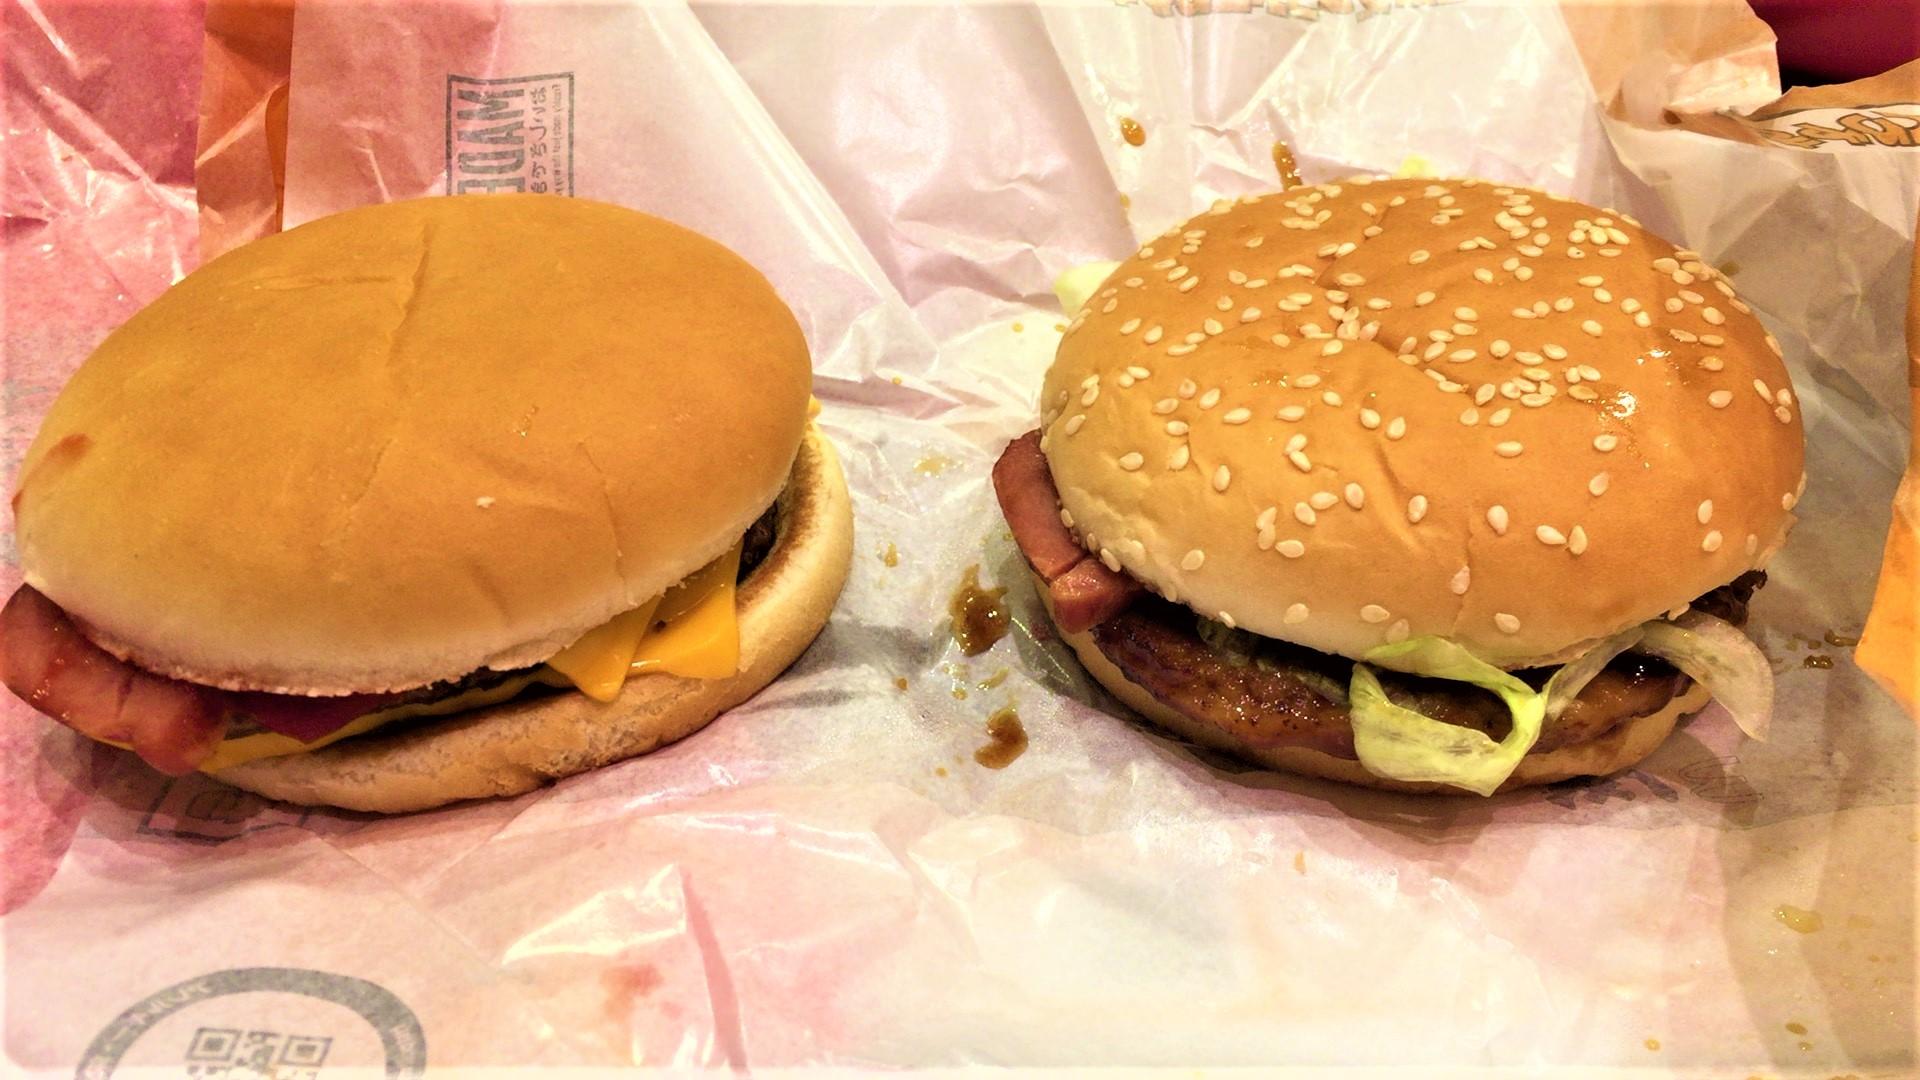 アツ!ベーダブチ、アツ!ベーてりやき(マクドナルド)を食べてみた【感想・口コミは?】